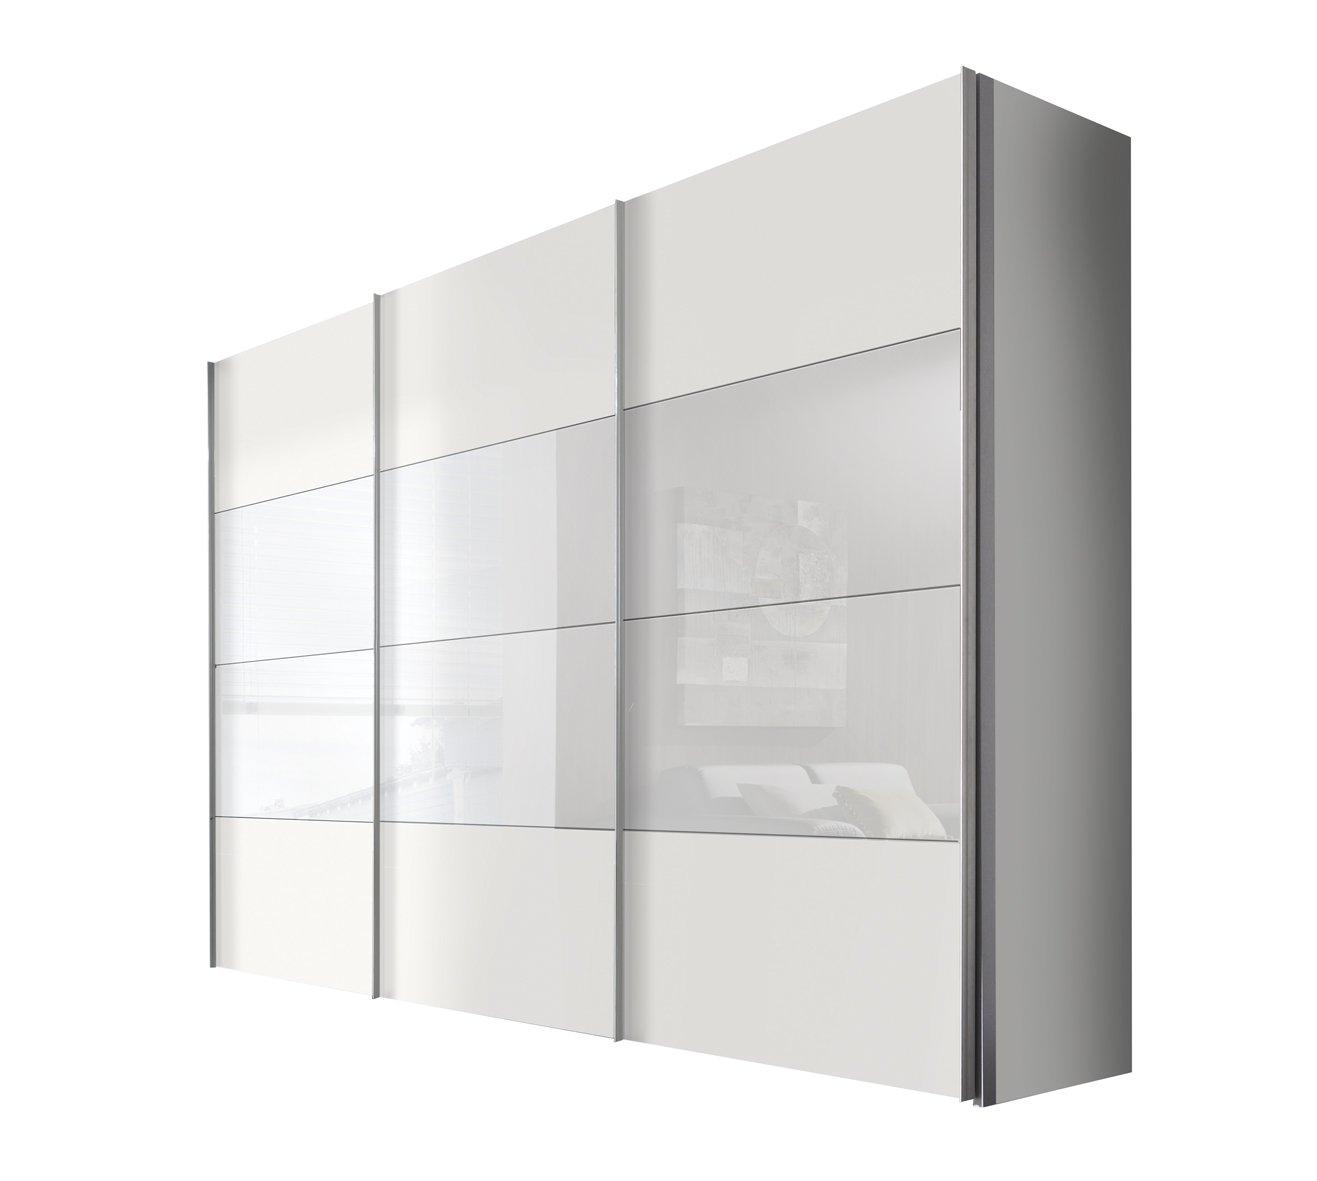 Solutions 49620-210 Schwebetürenschrank 3-türig, Korpus und Front polarweiß, weißglas, Griffleisten alufarben, 68 x 300 x 216 cm